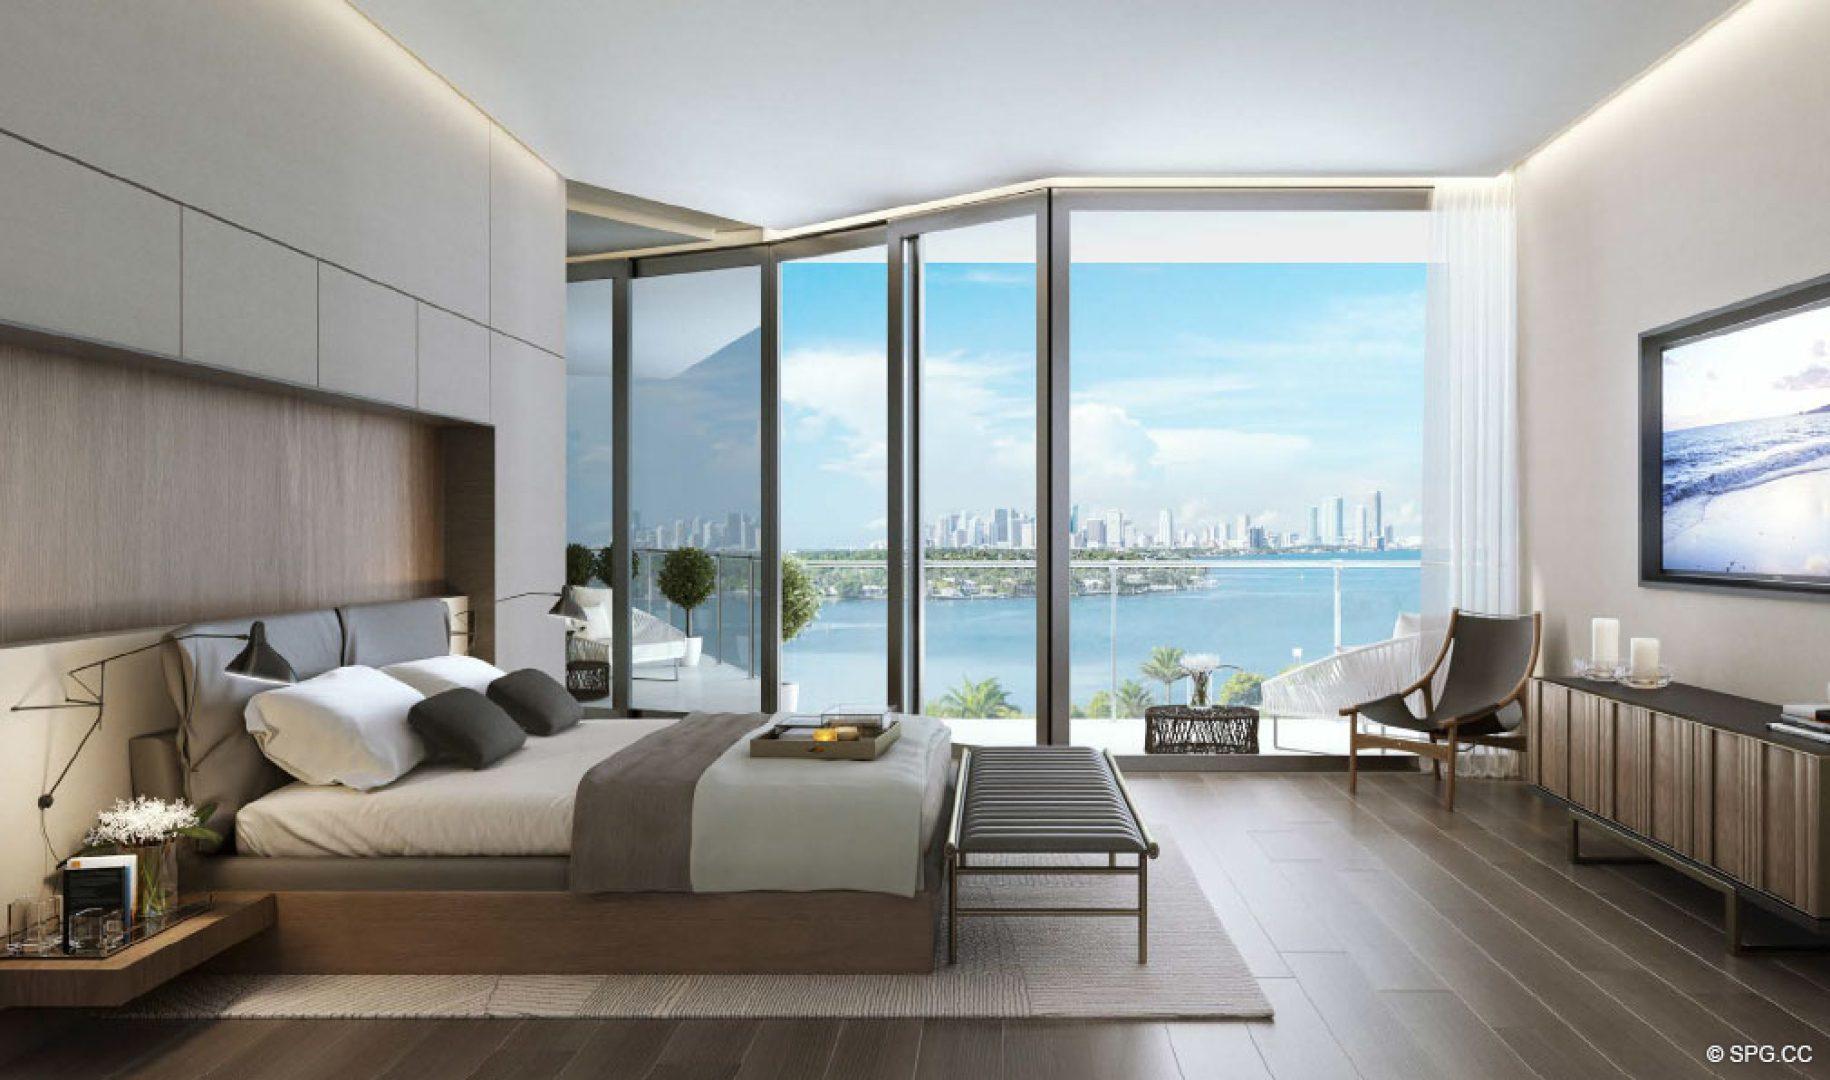 Alton Bay Luxury Waterfront Condos Miami Beach Florida